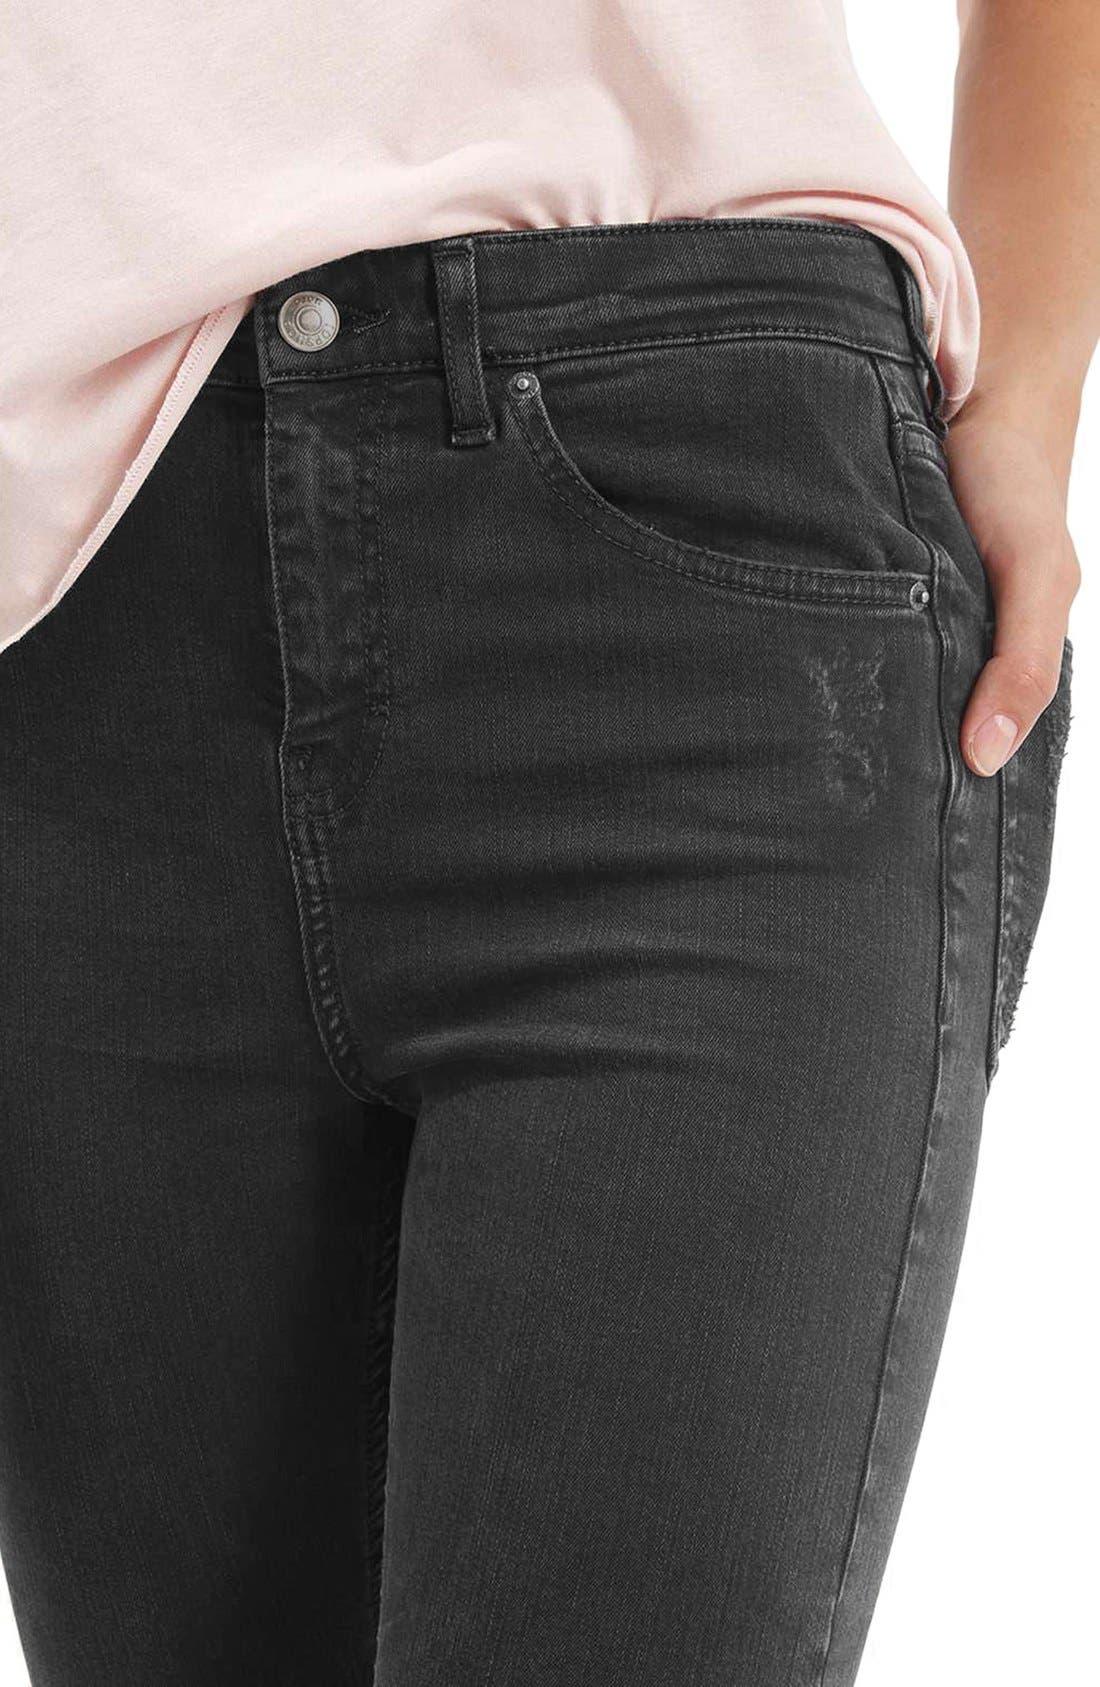 Jamie Shredded High Waist Skinny Jeans,                             Alternate thumbnail 3, color,                             001